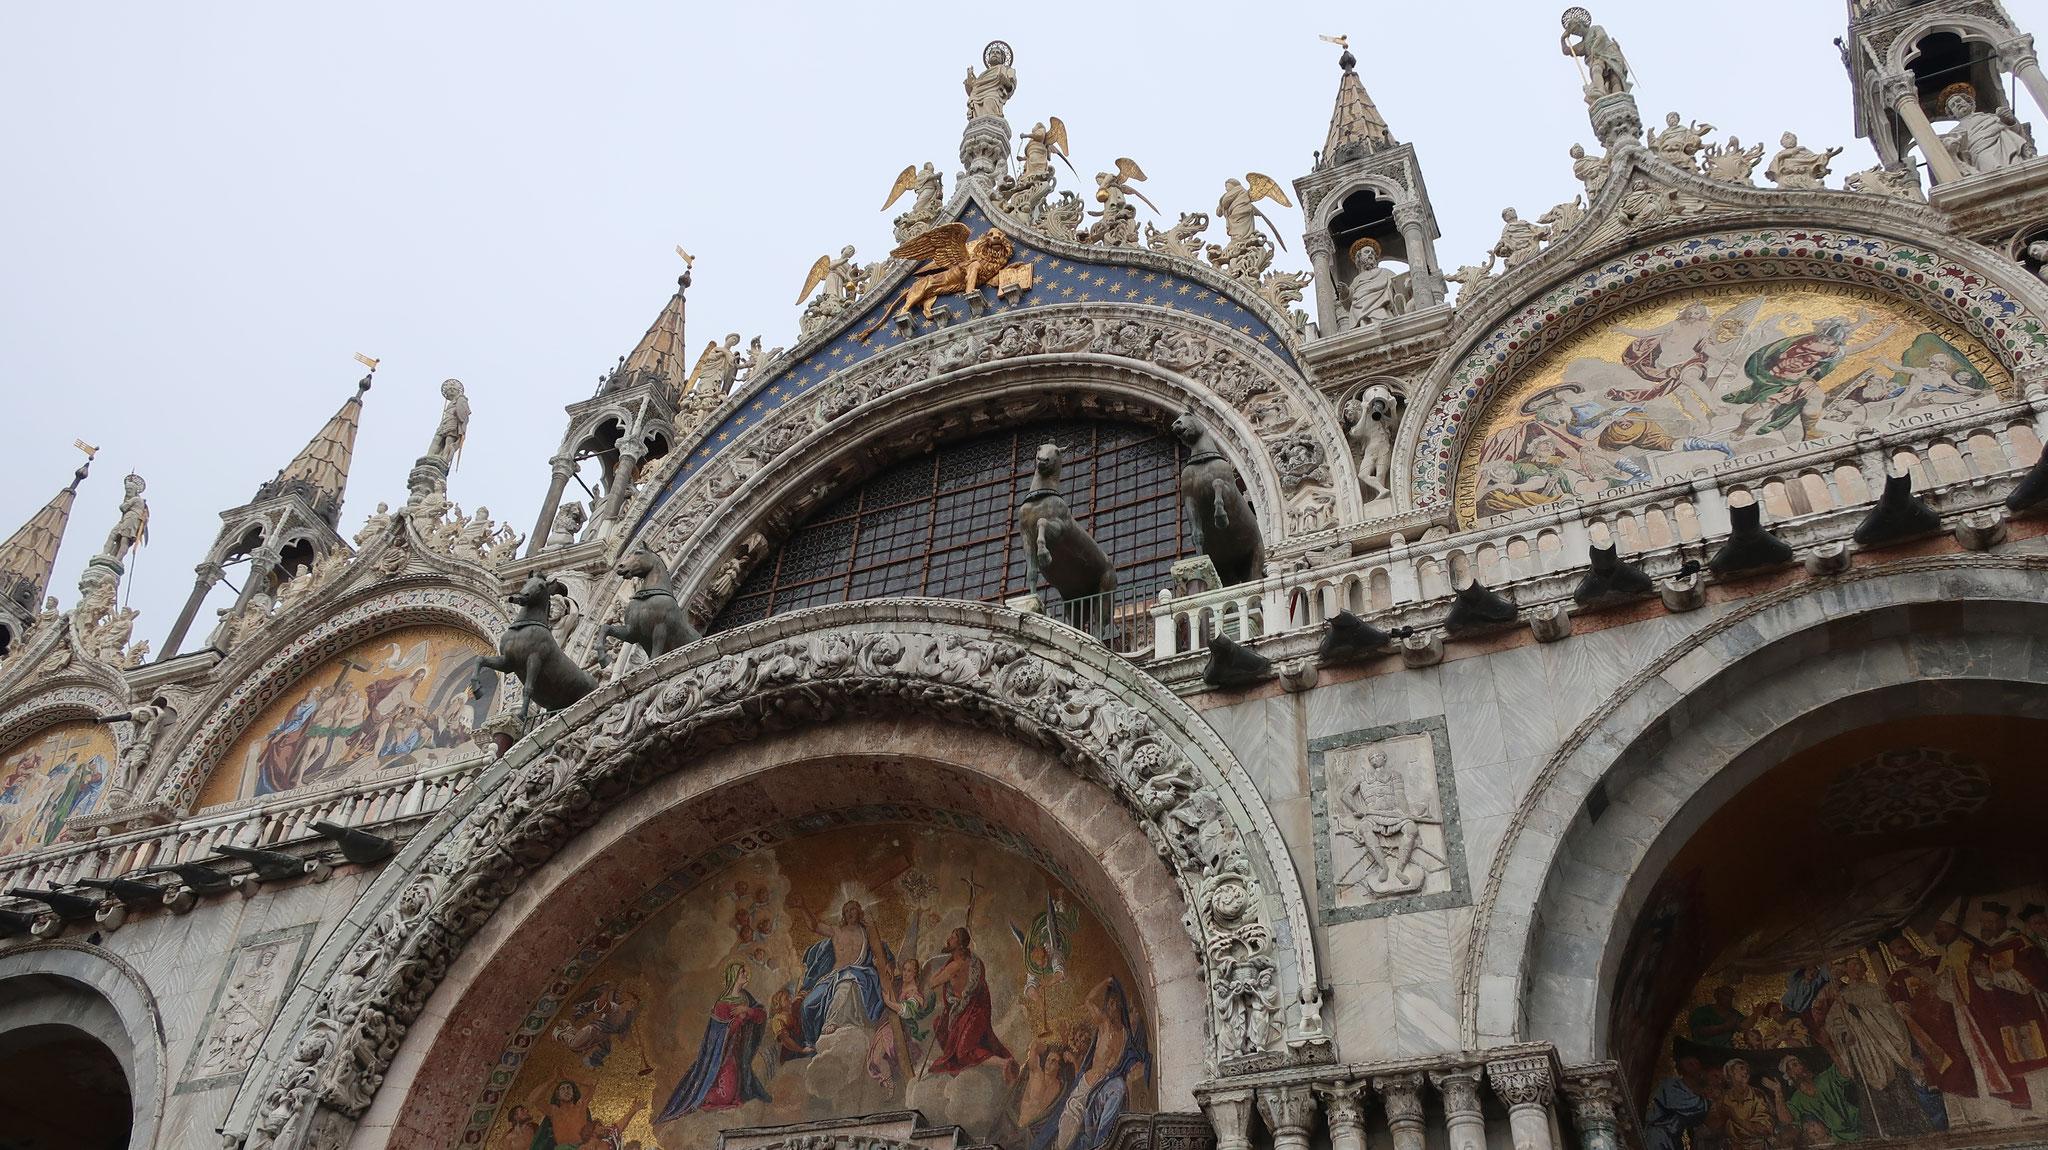 サン・マルコ寺院頂上に立つ聖マルコ像、有翼のライオン、4頭の馬